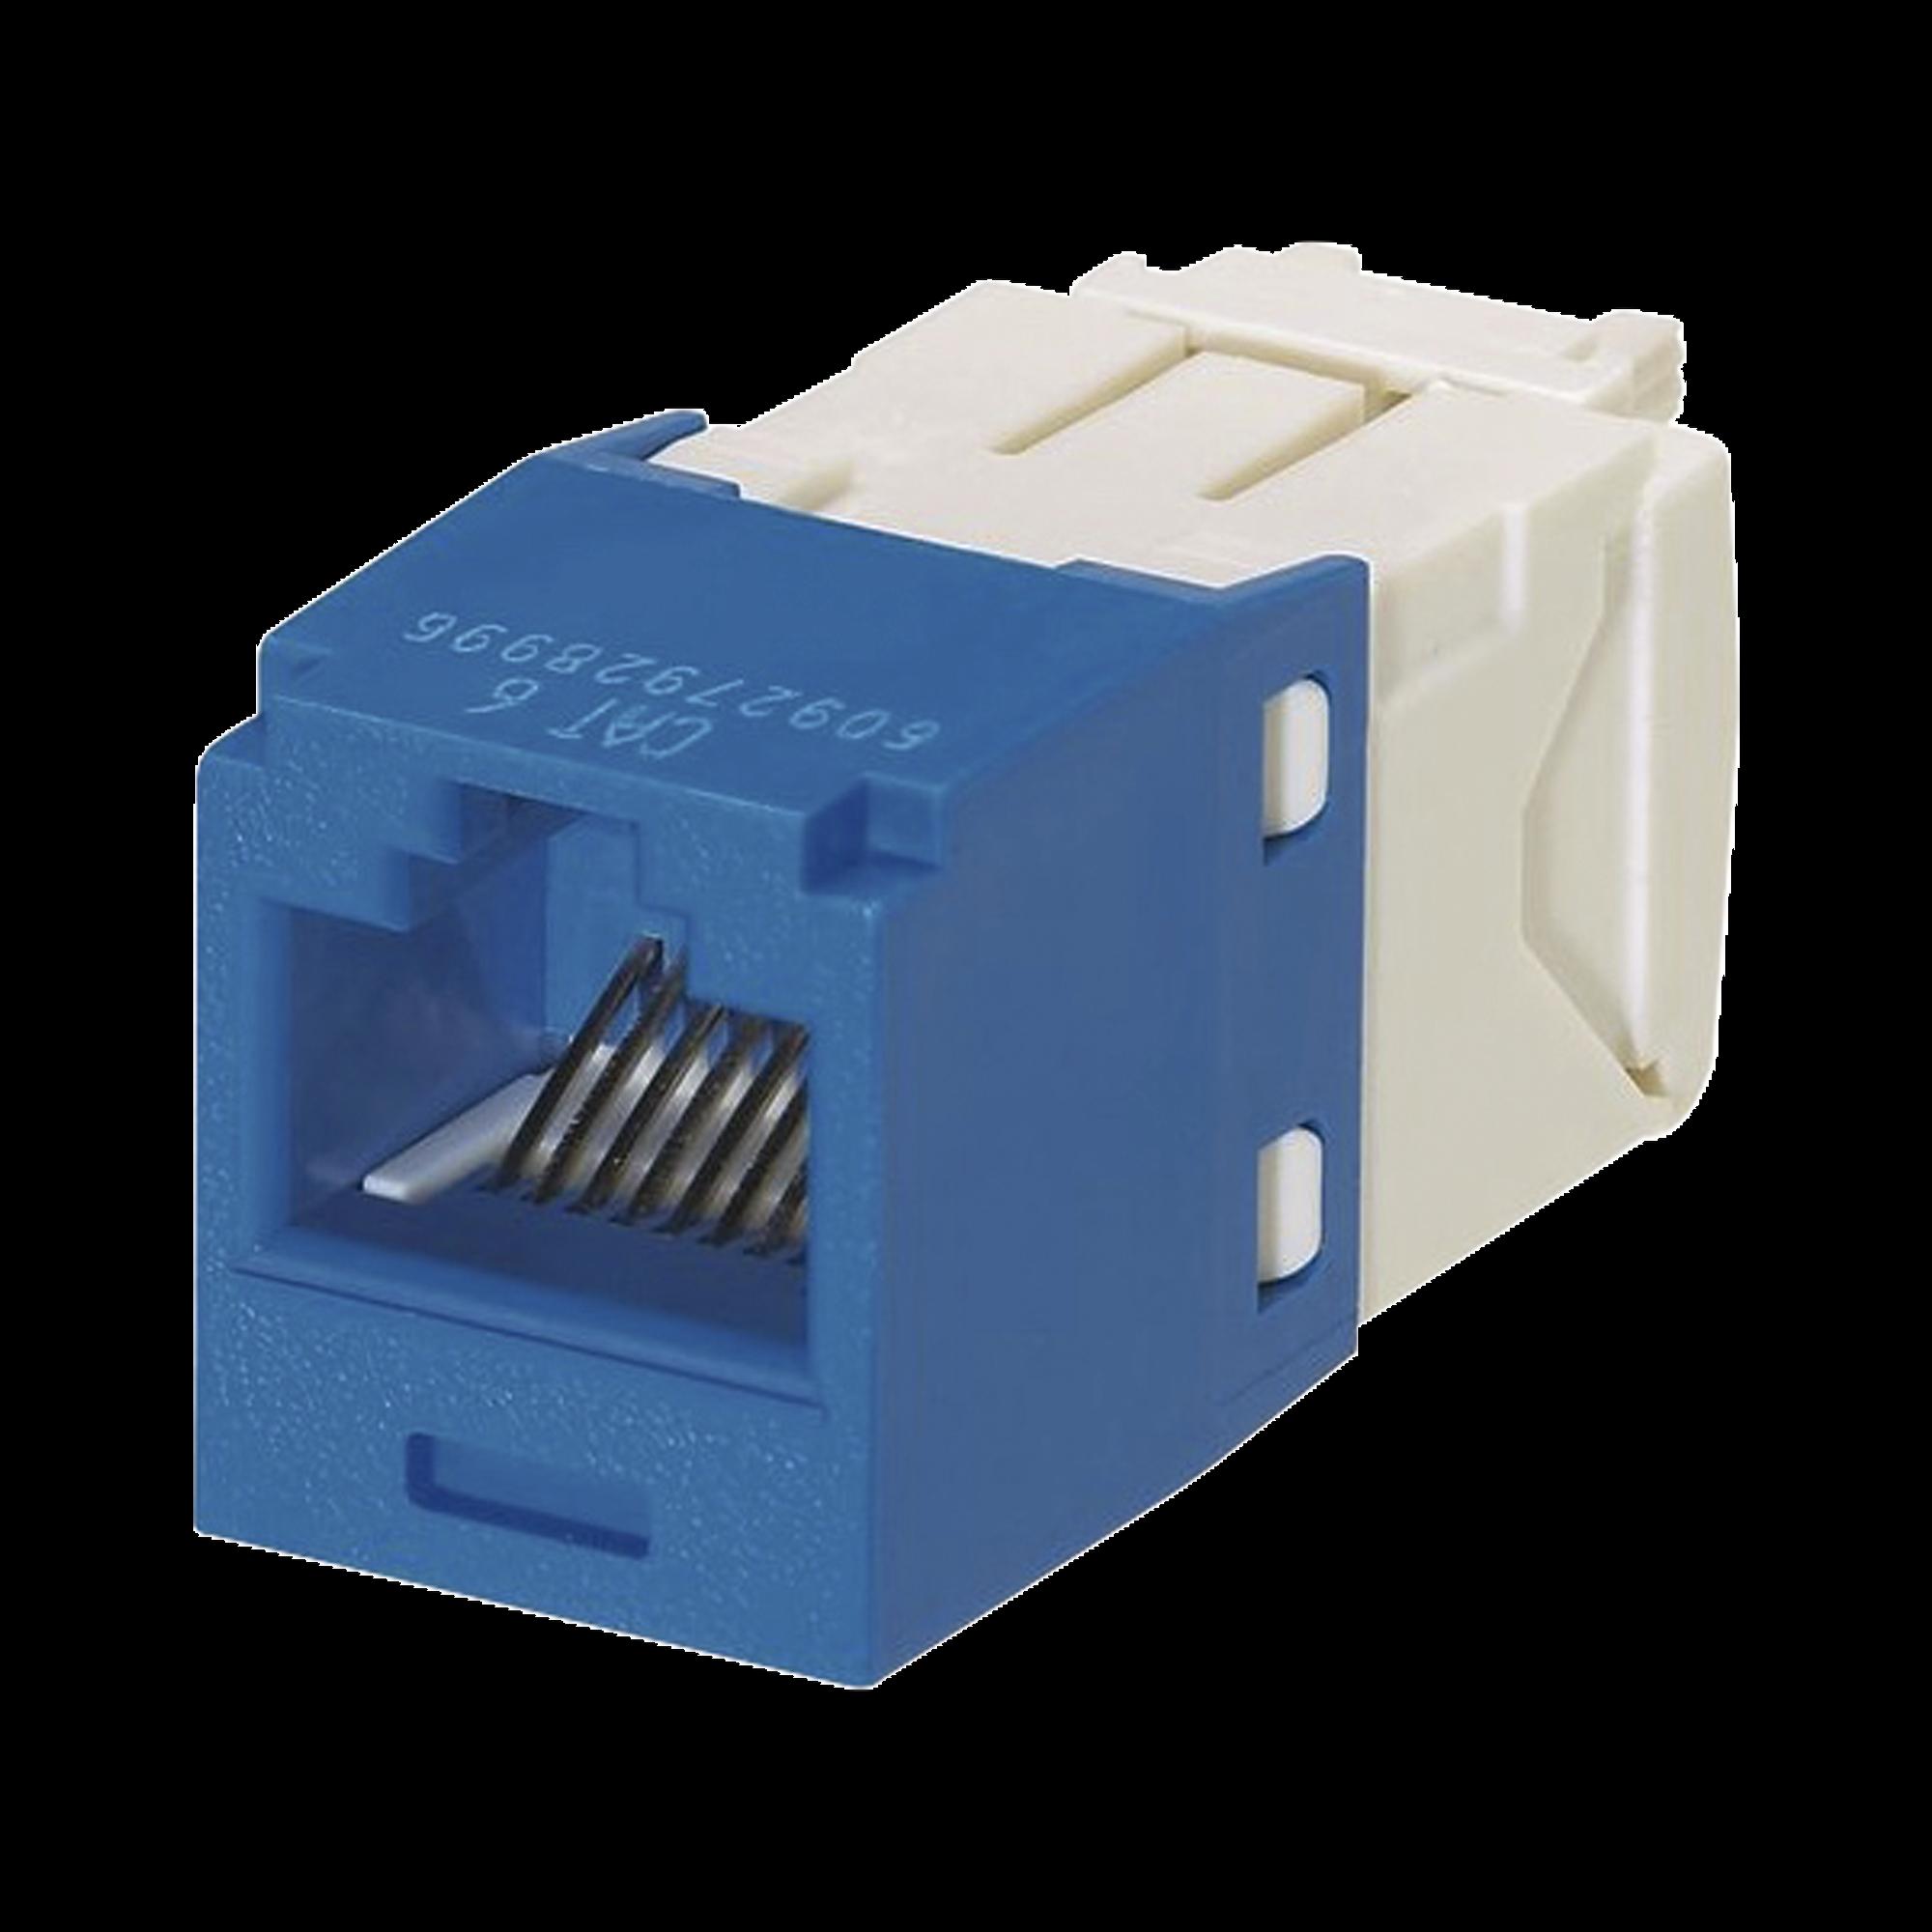 Conector Jack RJ45 Estilo TG, Mini-Com, Categoría 6, de 8 posiciones y 8 cables, Color Azul